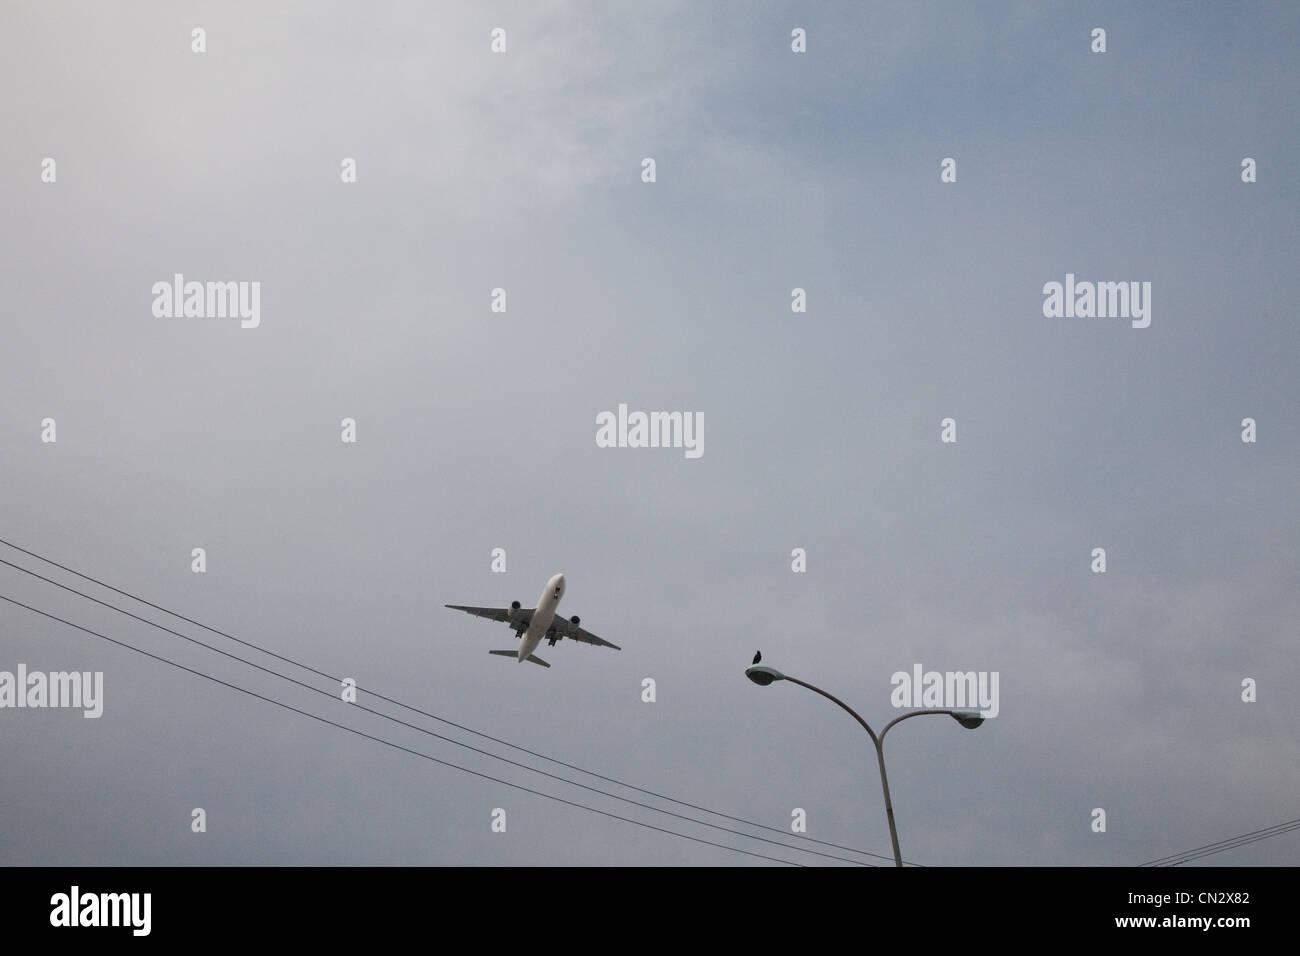 Avión, bajo ángulo de visión Imagen De Stock